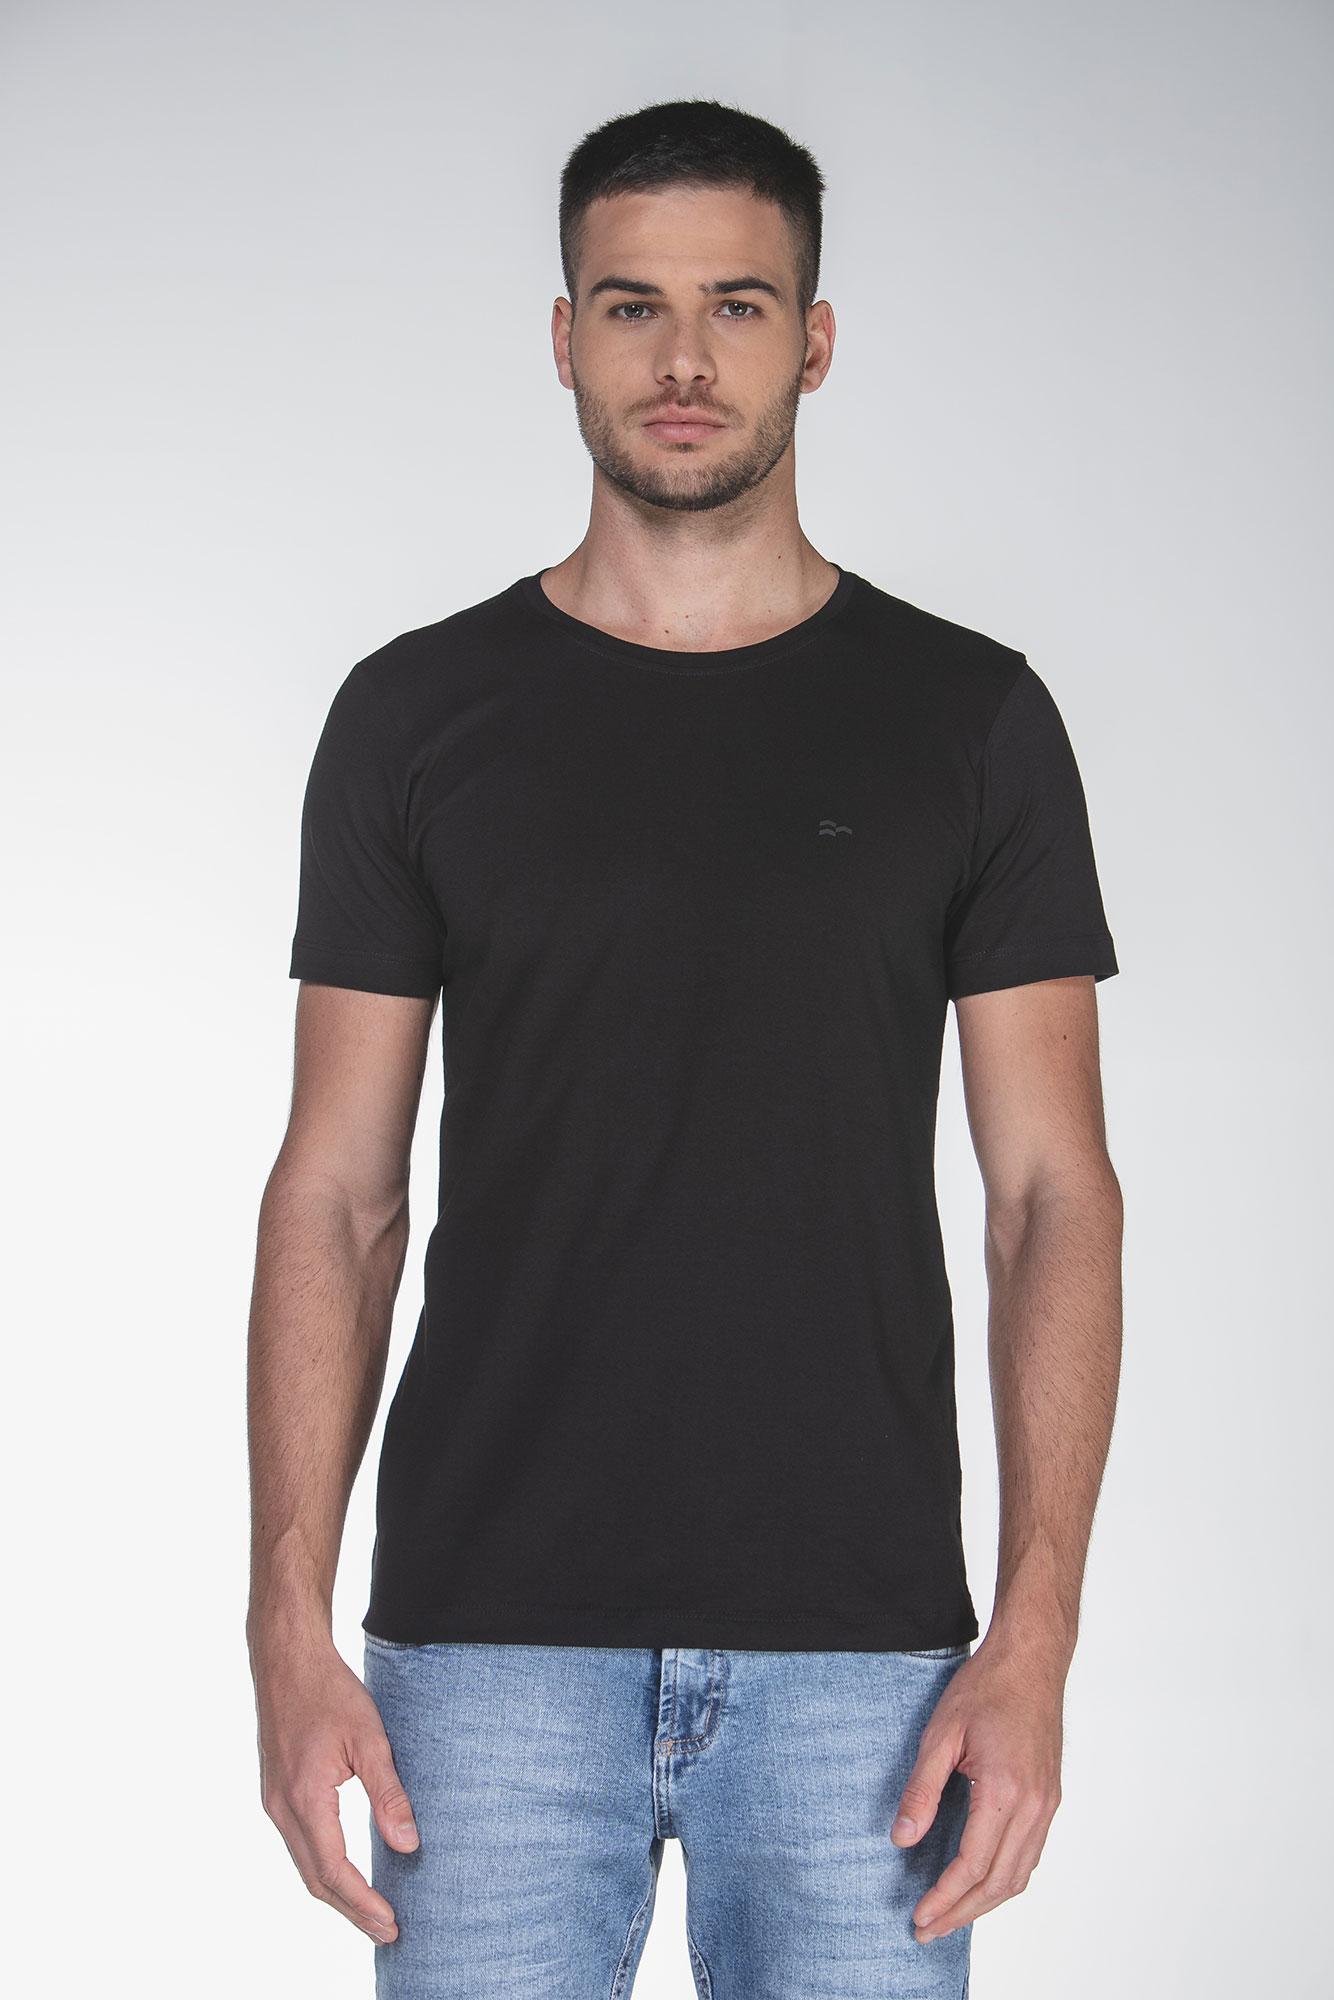 Camiseta Basic Egypt Preto/Preto